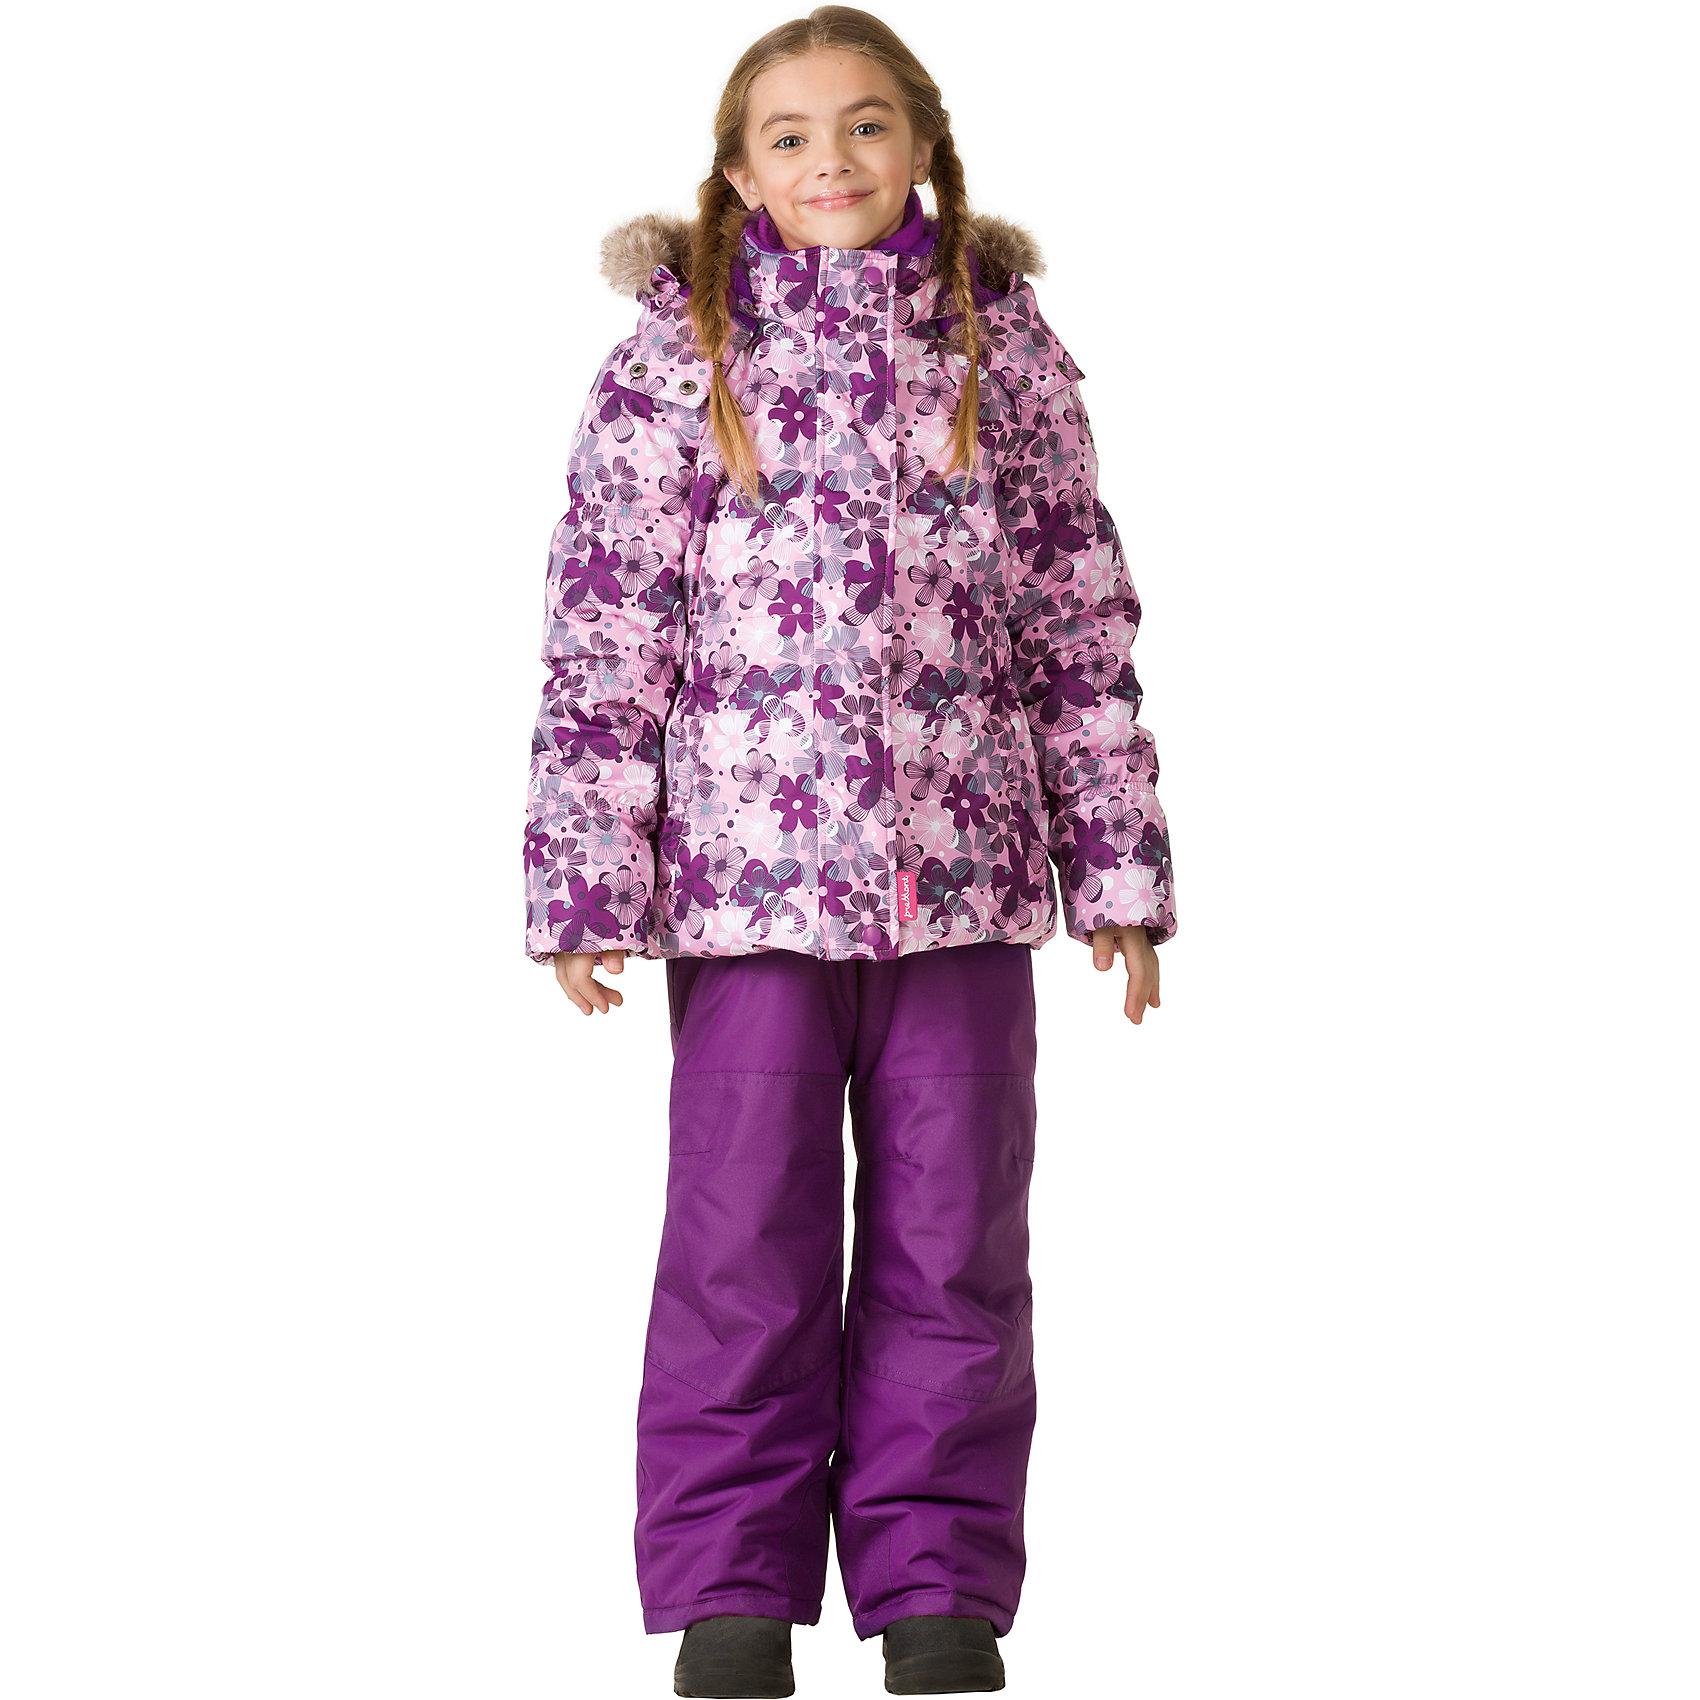 Комплект: куртка и брюки Premont для девочкиВерхняя одежда<br>Характеристики товара:<br><br>• цвет: сиреневый<br>• комплектация: куртка и брюки<br>• состав ткани: Taslan<br>• подкладка: Polar fleece, Taffeta<br>• утеплитель: Tech-polyfill<br>• сезон: зима<br>• мембранное покрытие<br>• температурный режим: от -30 до +5<br>• водонепроницаемость: 5000 мм <br>• паропроницаемость: 5000 г/м2<br>• плотность утеплителя: куртка - 280 г/м2, брюки - 180 г/м2<br>• капюшон: съемный<br>• искусственный мех на капюшоне отстегивается<br>• застежка: молния<br>• страна бренда: Канада<br>• страна изготовитель: Китай<br><br>Такой теплый комплект дополнен светоотражающими элементами, лямками, планкой от ветра и карманами на липучках. Теплый зимний детский комплект сделан с применением мембранной технологии. Мягкая подкладка комплекта для детей делает его теплым и комфортным. Зимний комплект для ребенка - это куртка с капюшоном и брюки. <br><br>Комплект: куртка и брюки для девочки Premont (Премонт) можно купить в нашем интернет-магазине.<br><br>Ширина мм: 356<br>Глубина мм: 10<br>Высота мм: 245<br>Вес г: 519<br>Цвет: розовый<br>Возраст от месяцев: 156<br>Возраст до месяцев: 168<br>Пол: Женский<br>Возраст: Детский<br>Размер: 164,92,98,100,104,110,116,120,122,128,140,152<br>SKU: 7088151